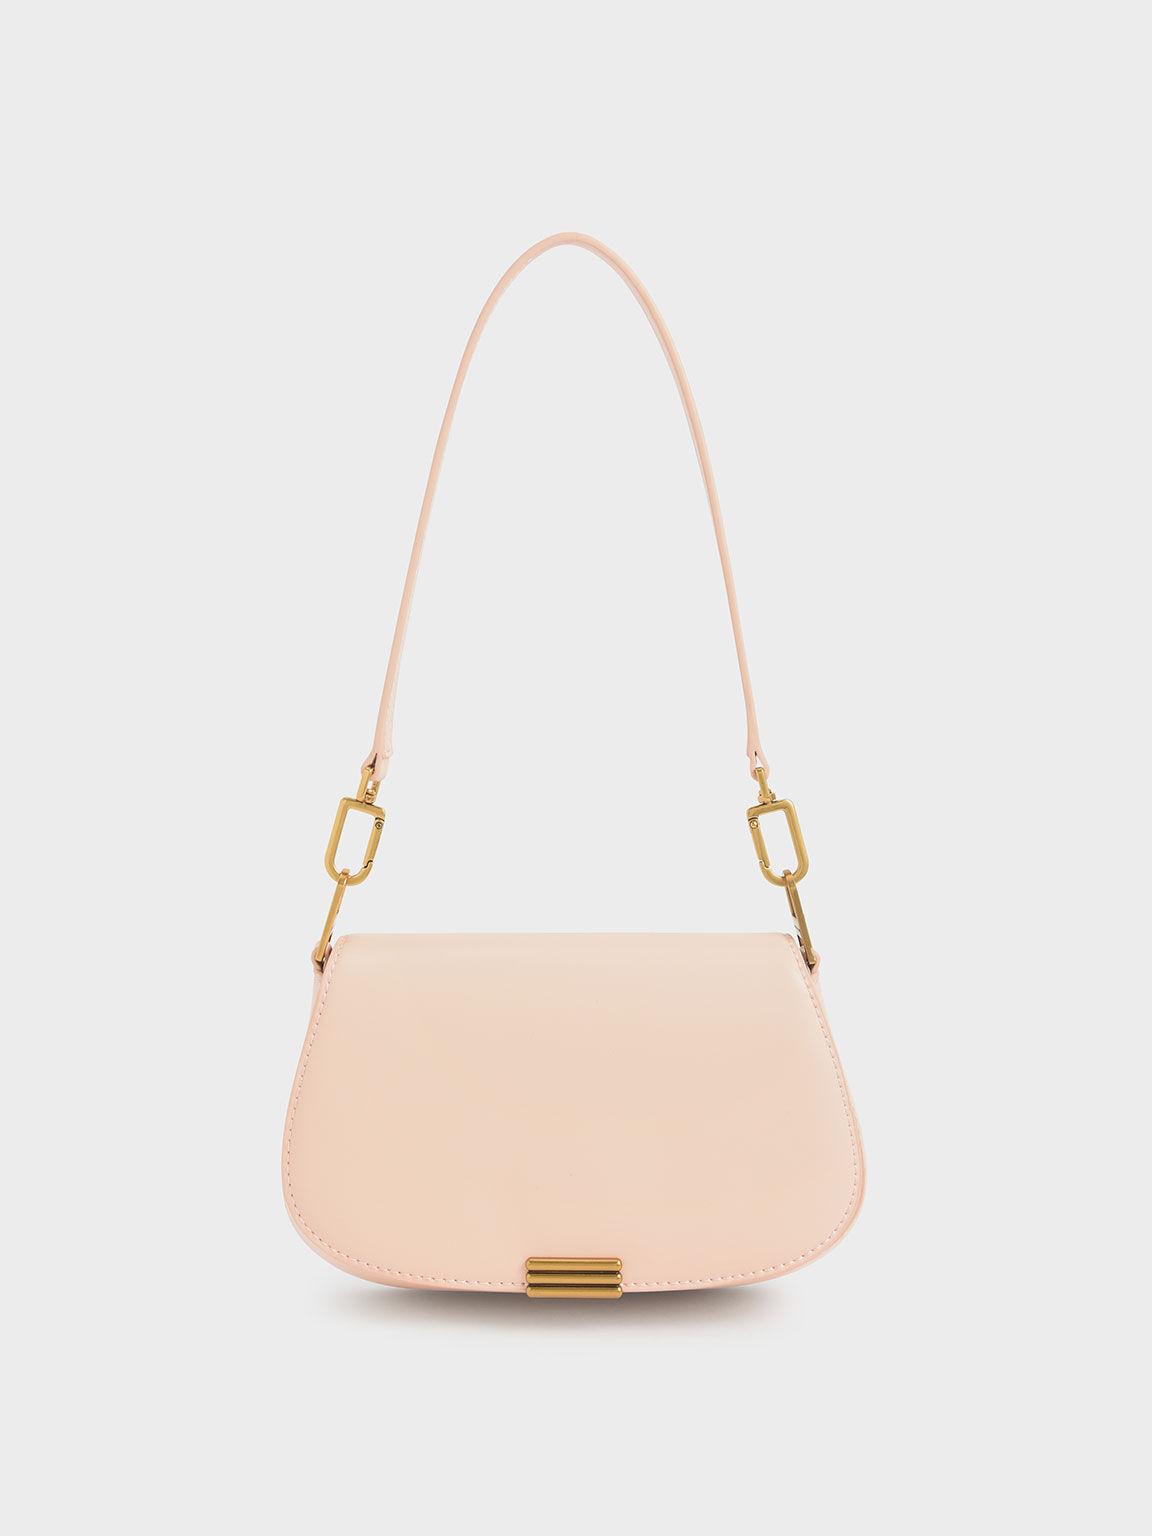 小型條紋釦肩背包, 淺粉色, hi-res